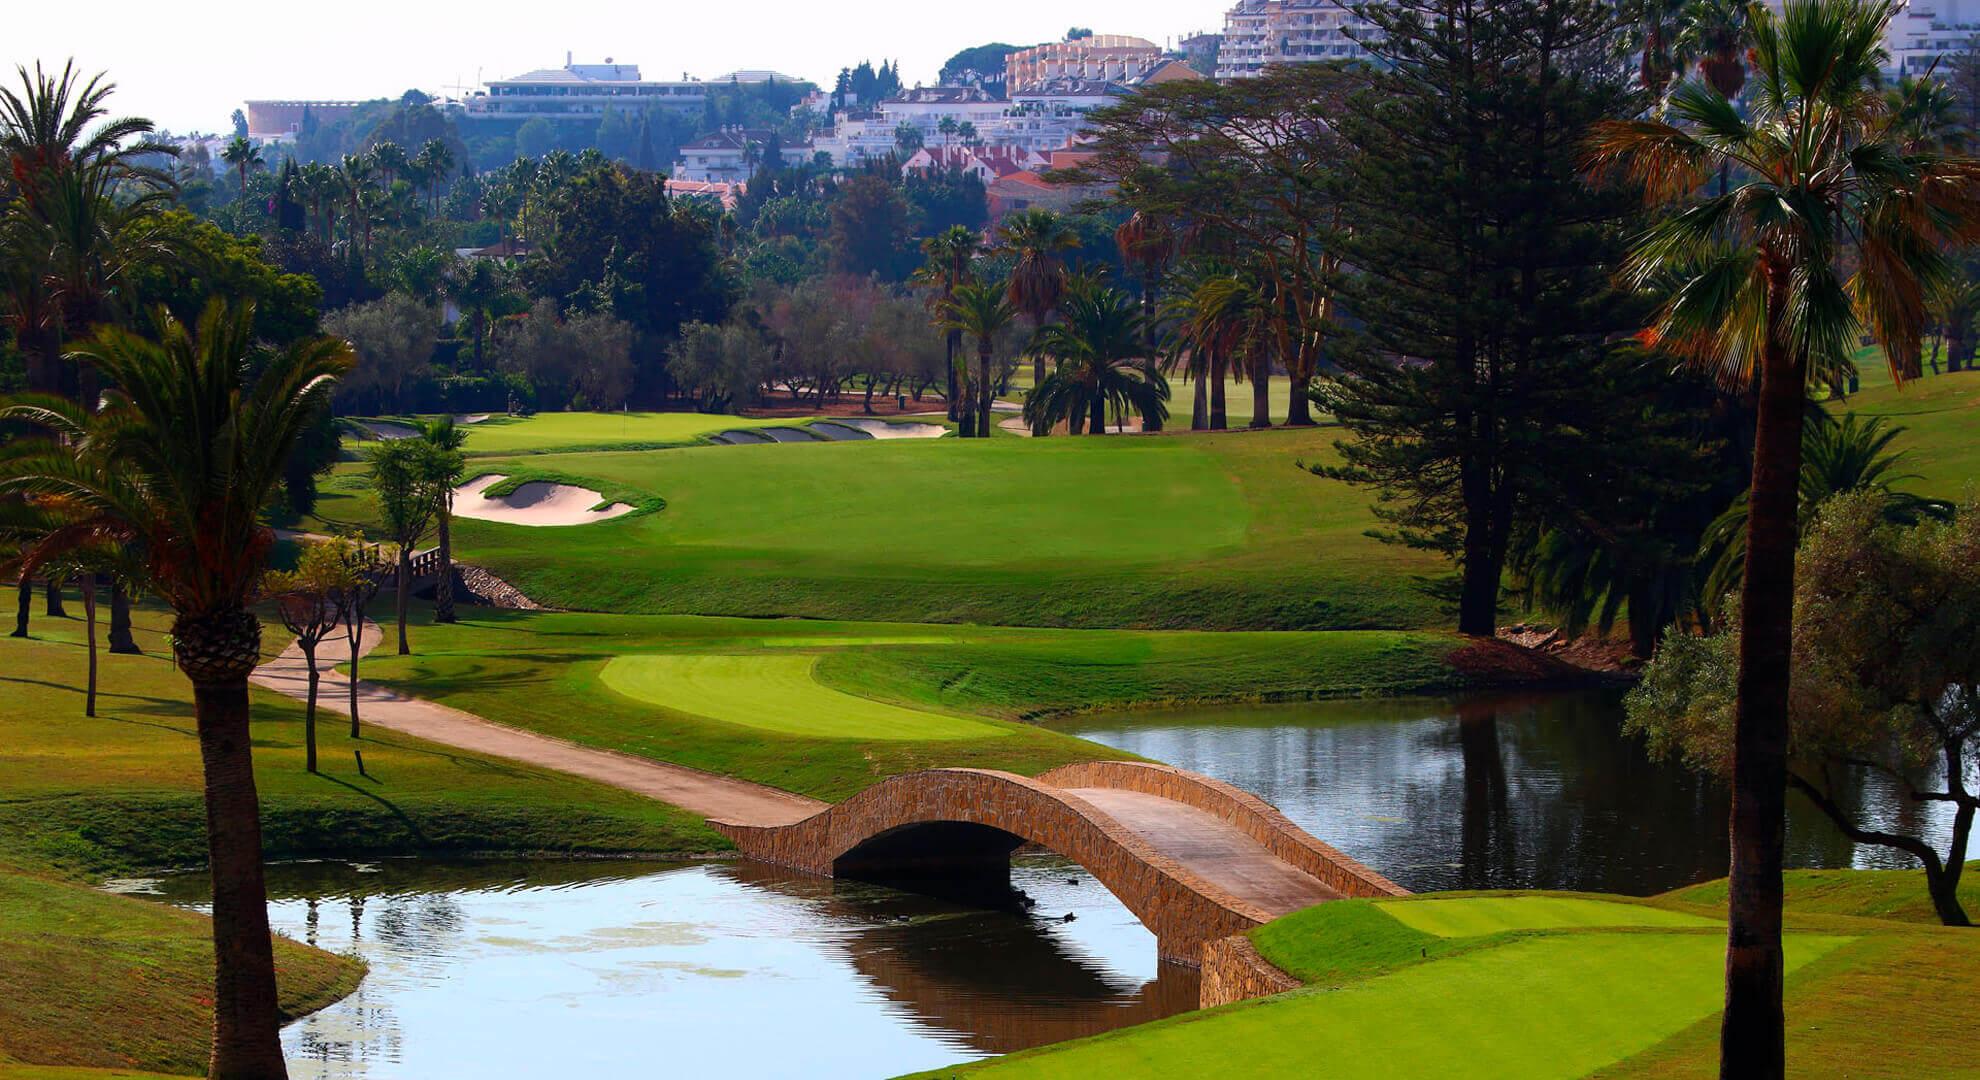 Las Brisas Golf Course, Spain